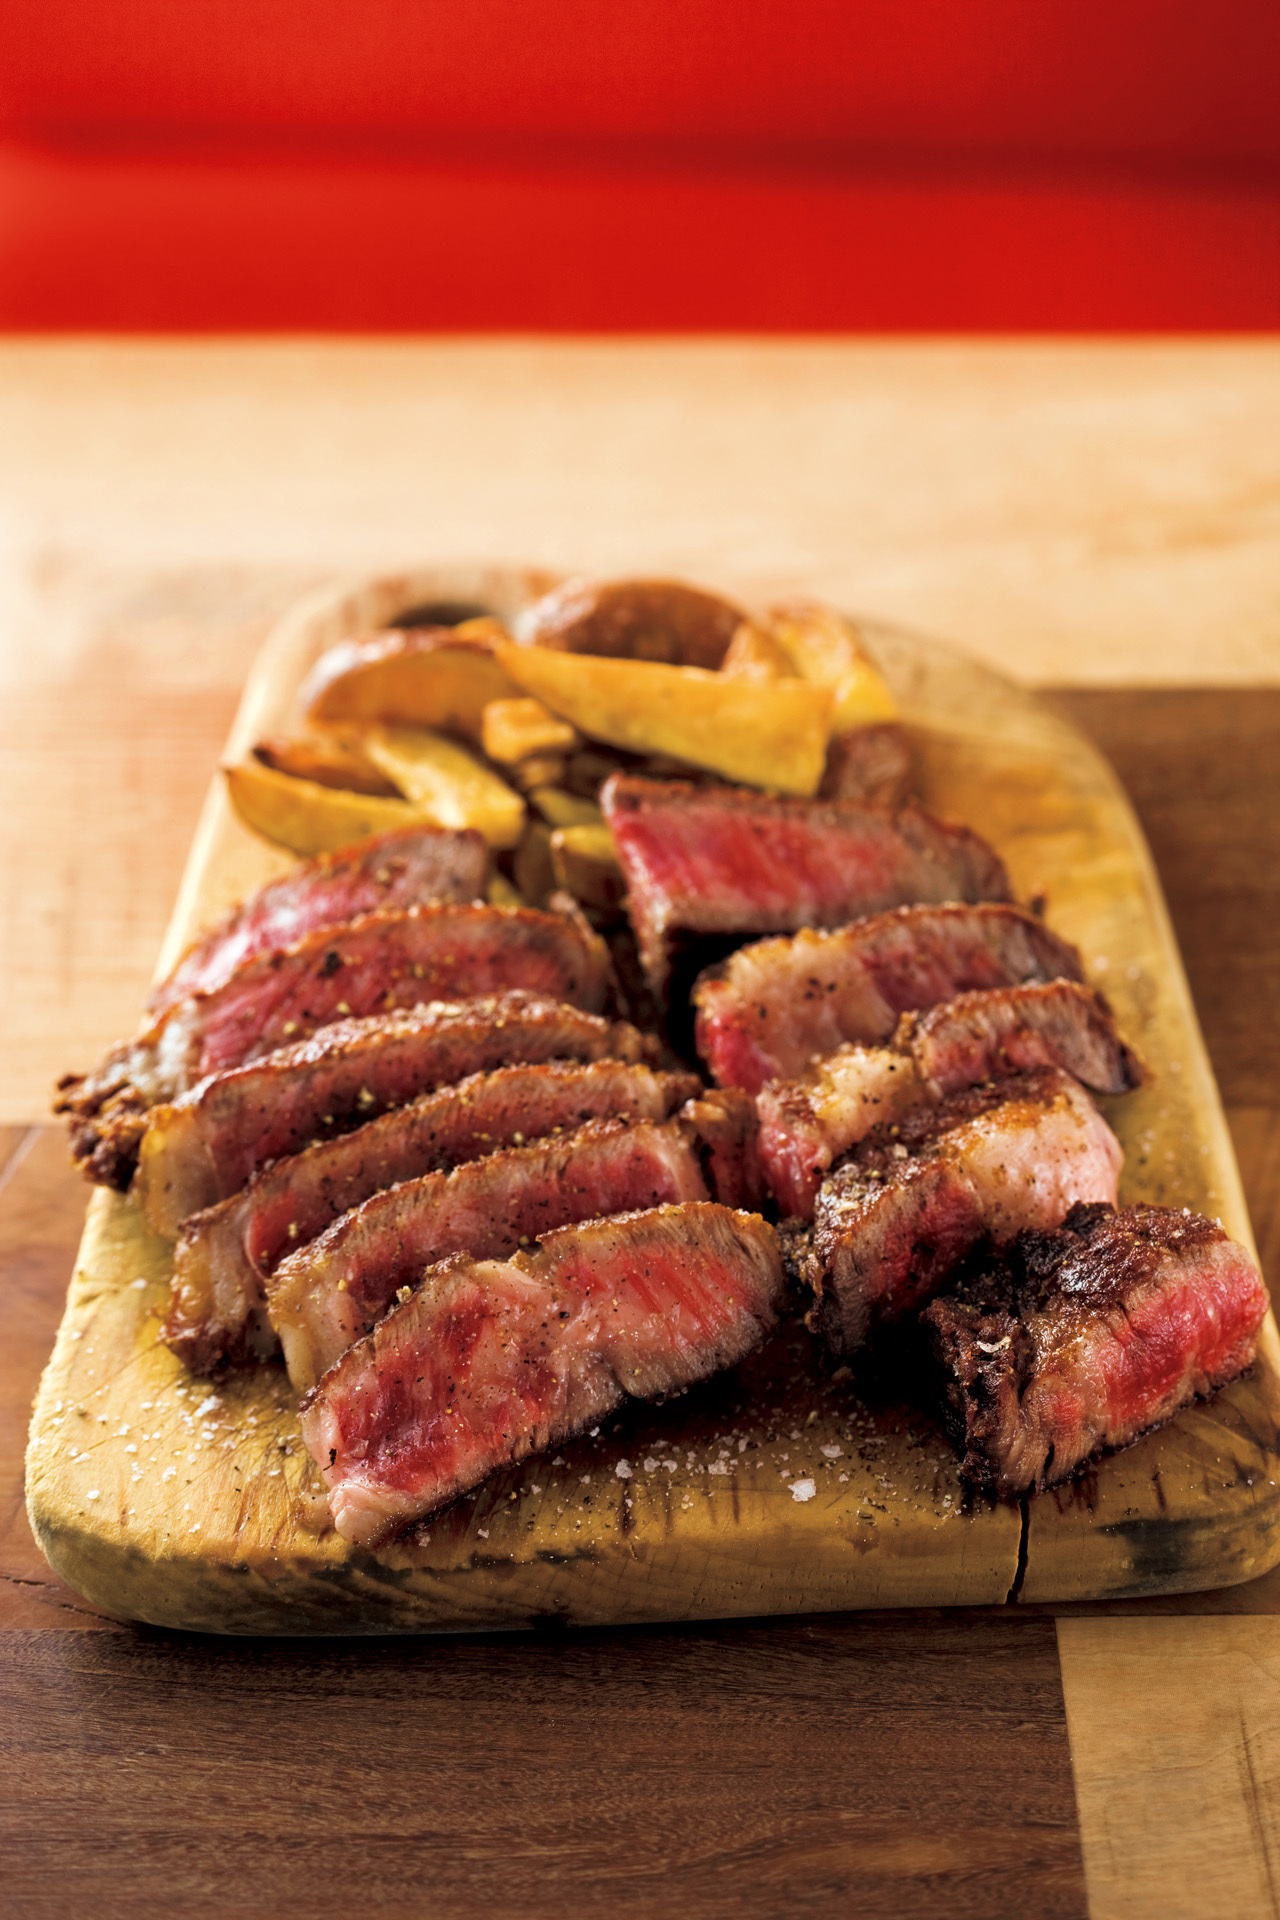 パリの名店の仕事を受け継ぐ 肉職人のステーキ ル・キャトーズィエム_1_1